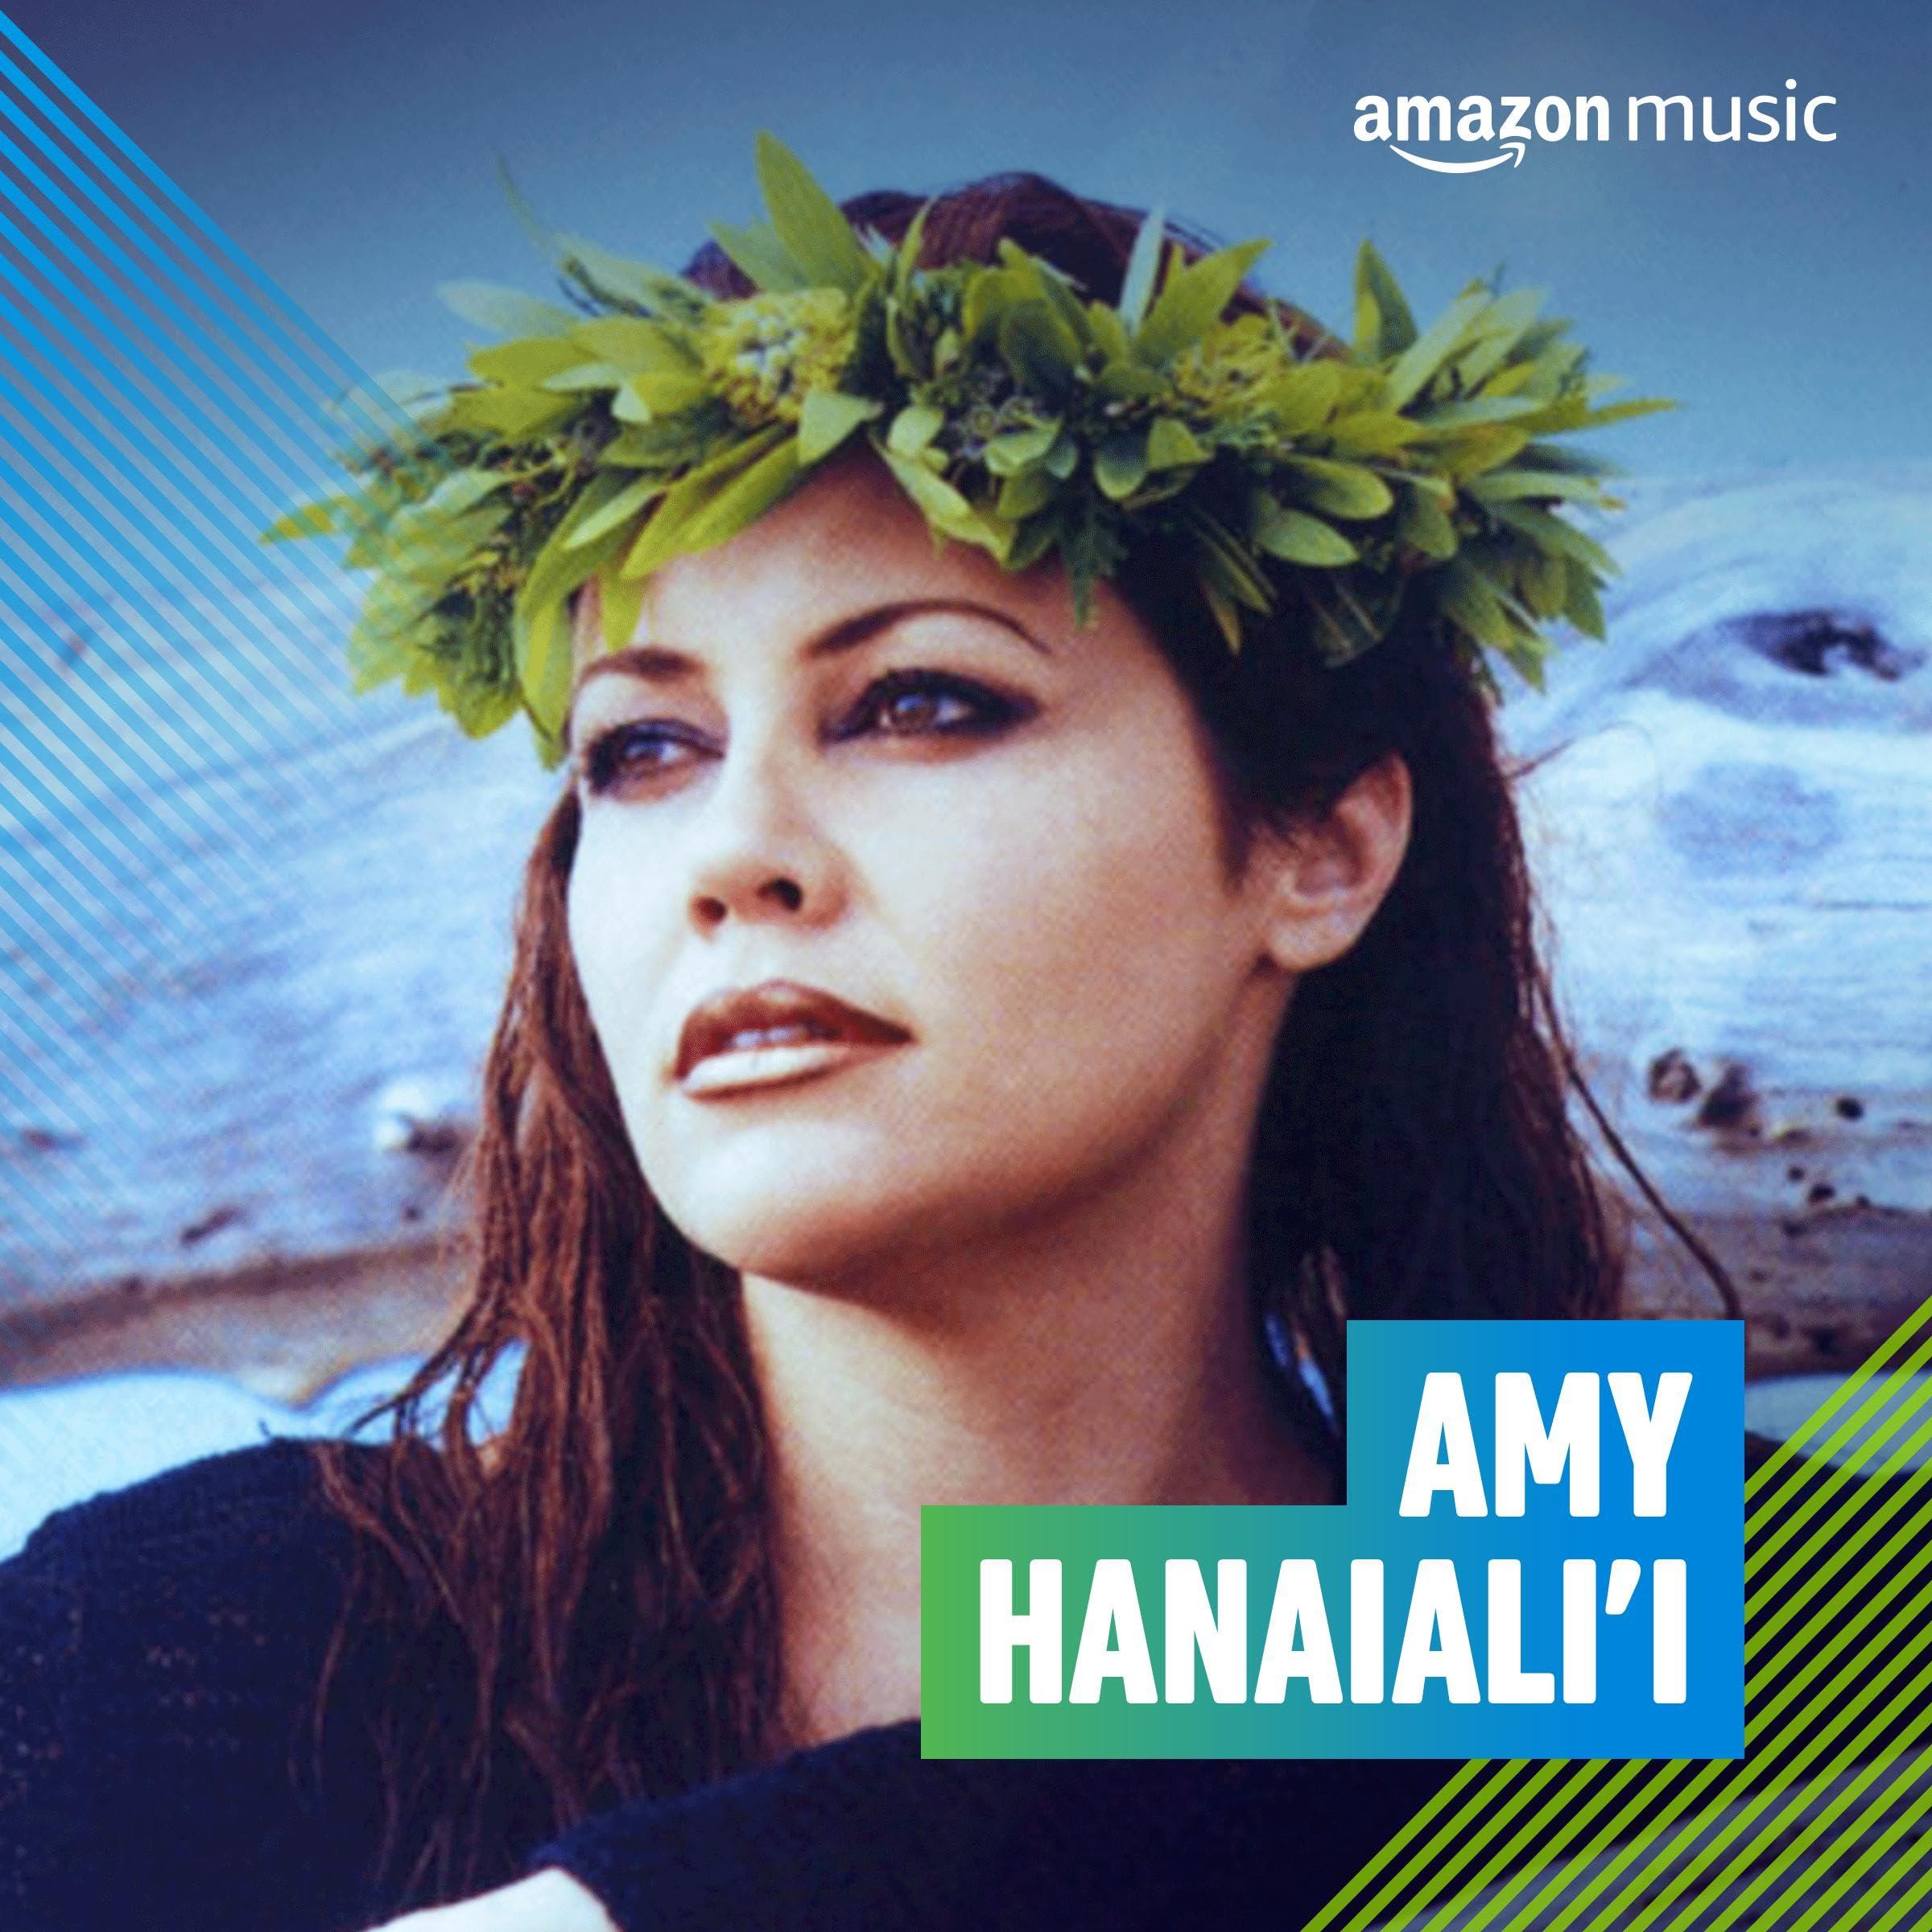 Amy Hanaiali'i